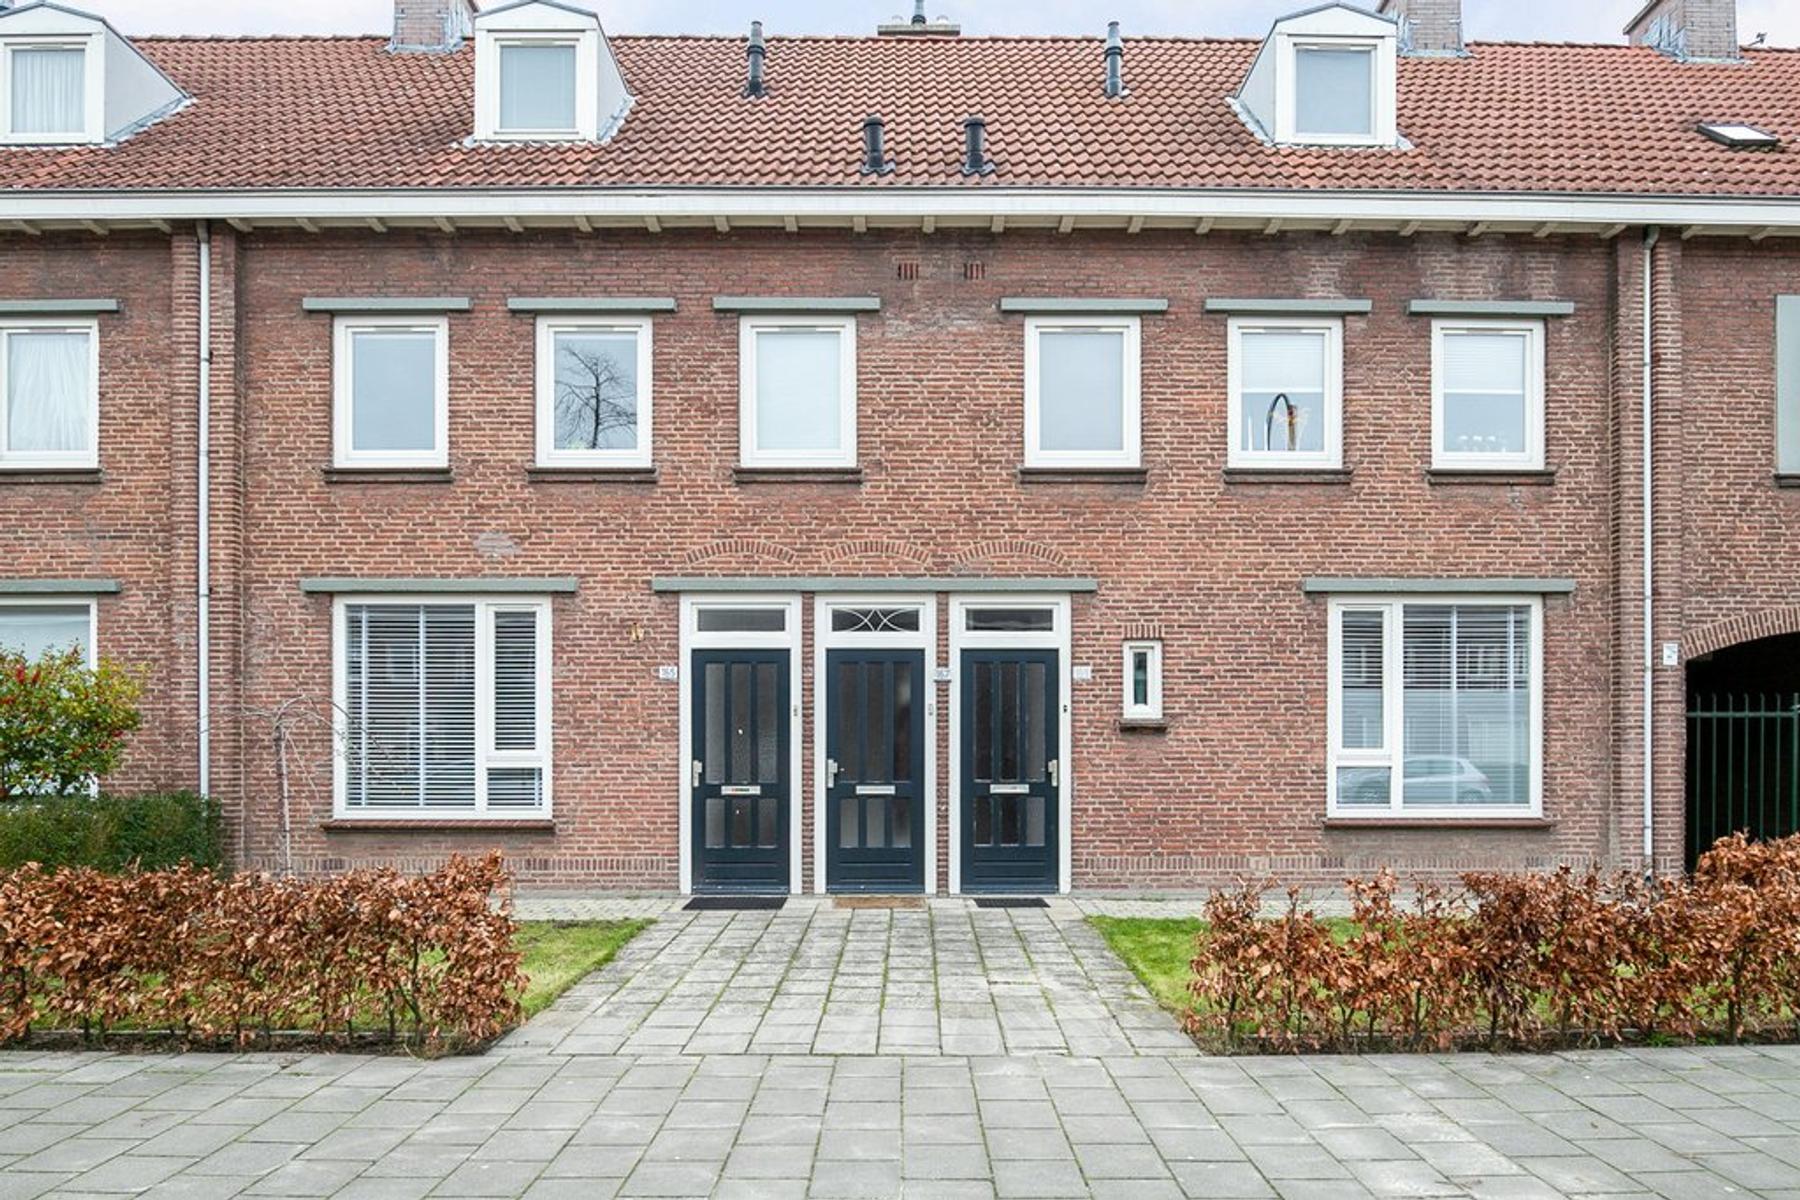 Petrus Dondersstraat 165 in Eindhoven 5613 LV